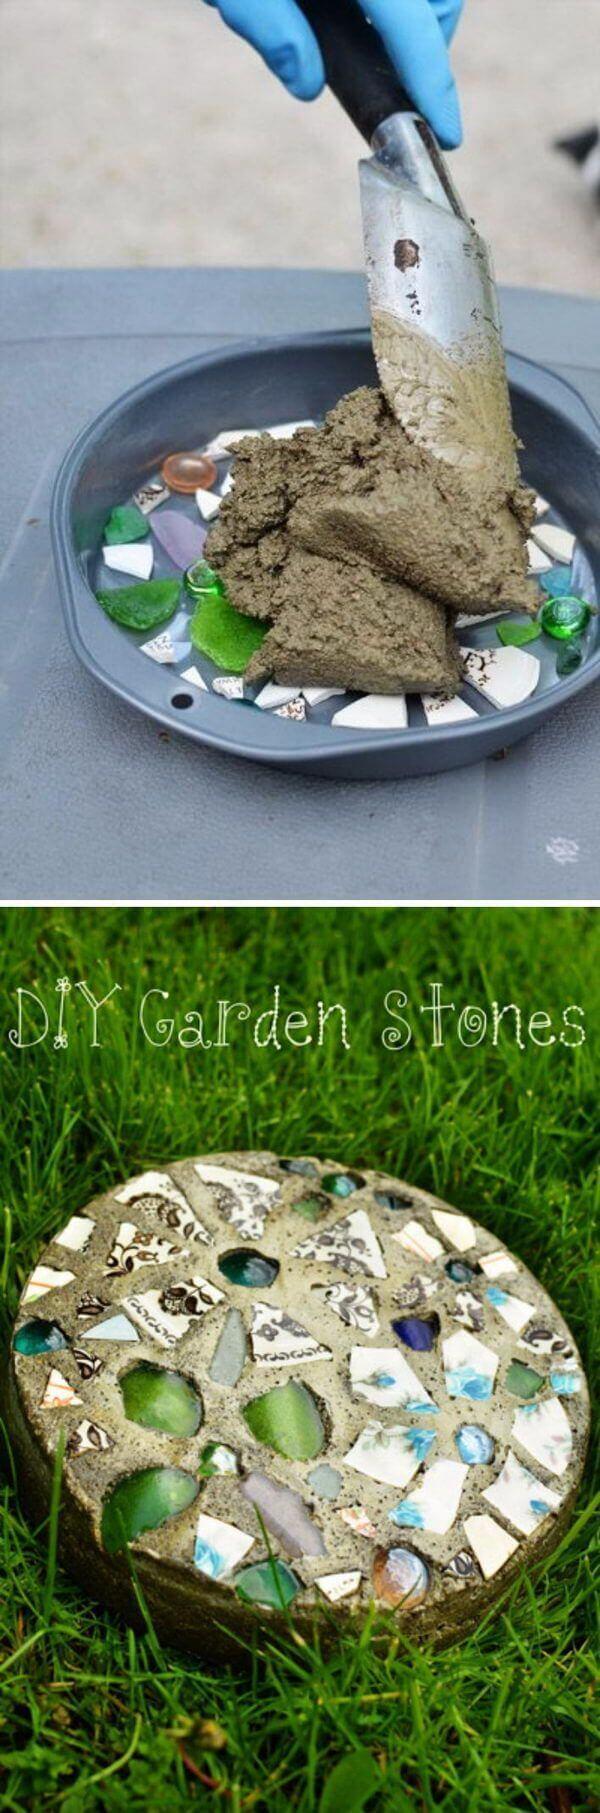 Make a Garden Stone with Concrete